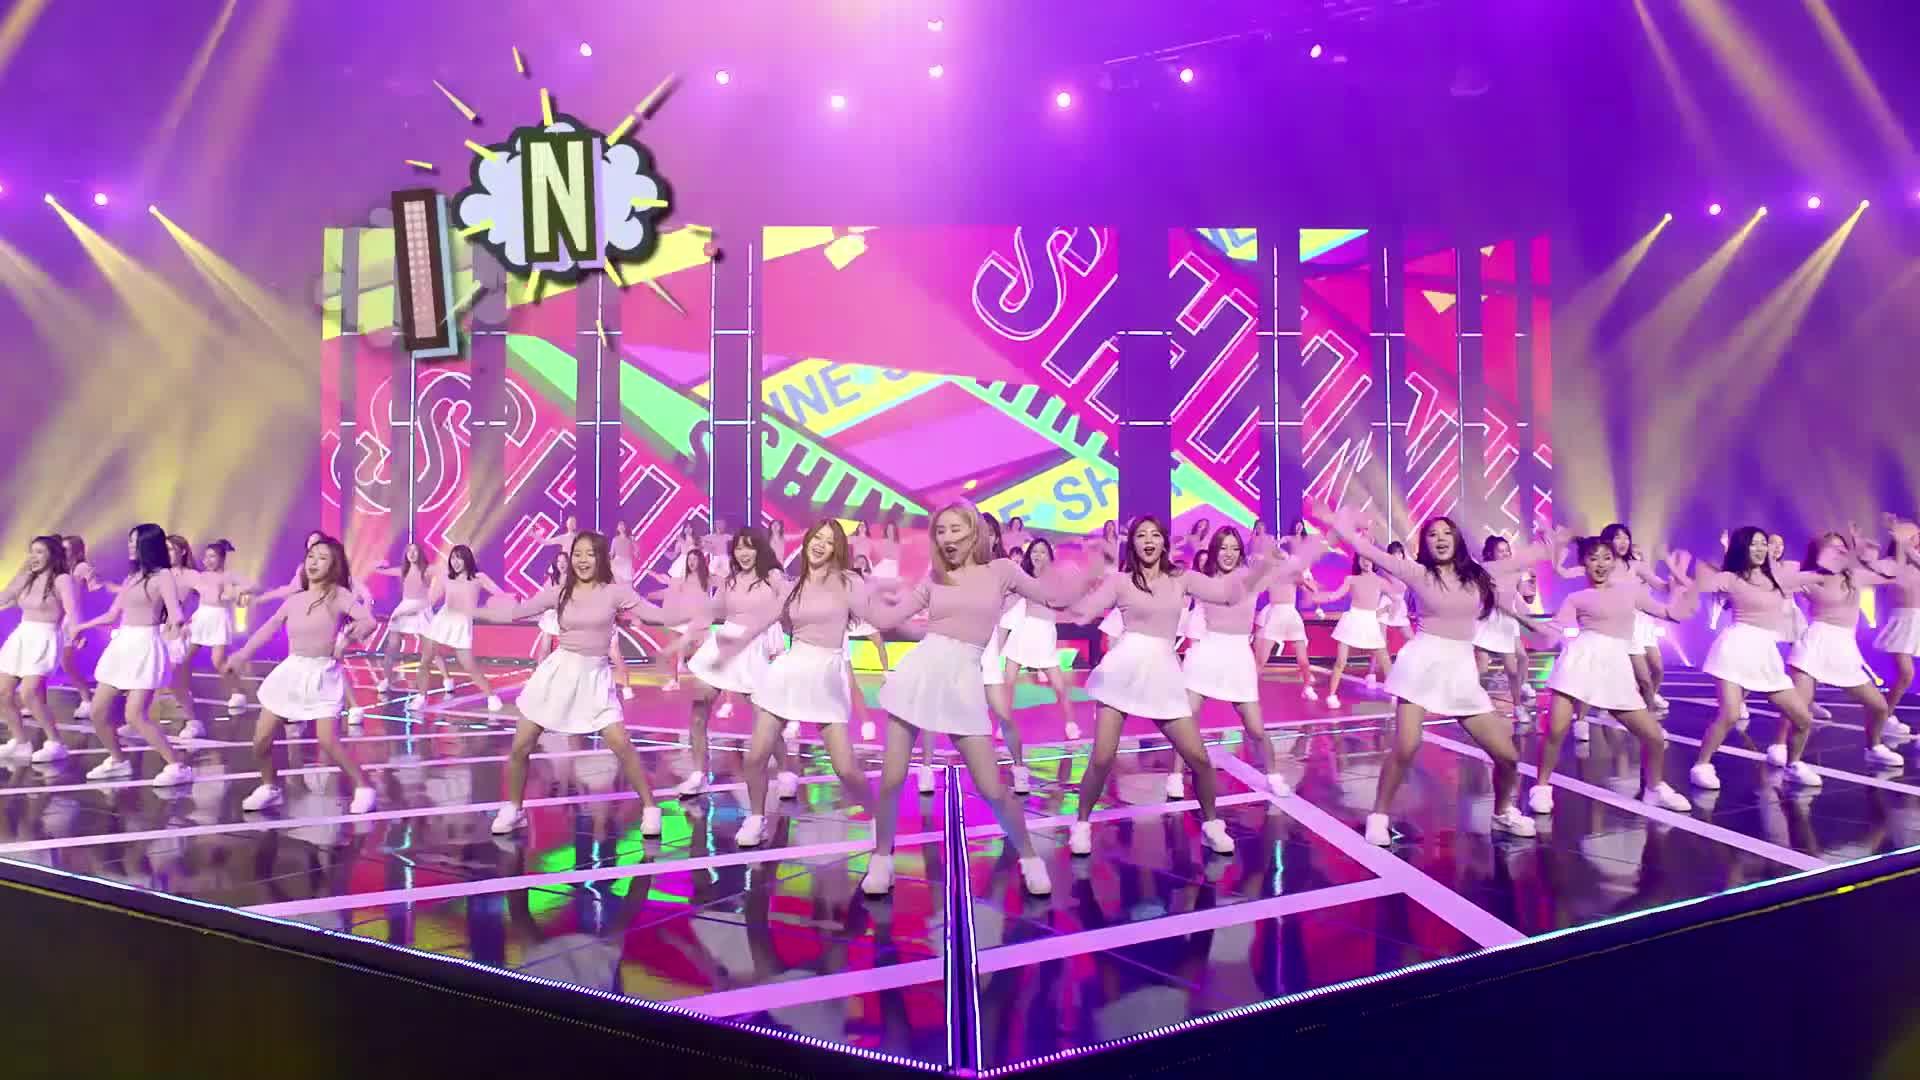 [더 유닛] 여자 미션곡 '샤인' 뮤직비디오 (The Unit - The girl's mission, 'SHINE' music video)